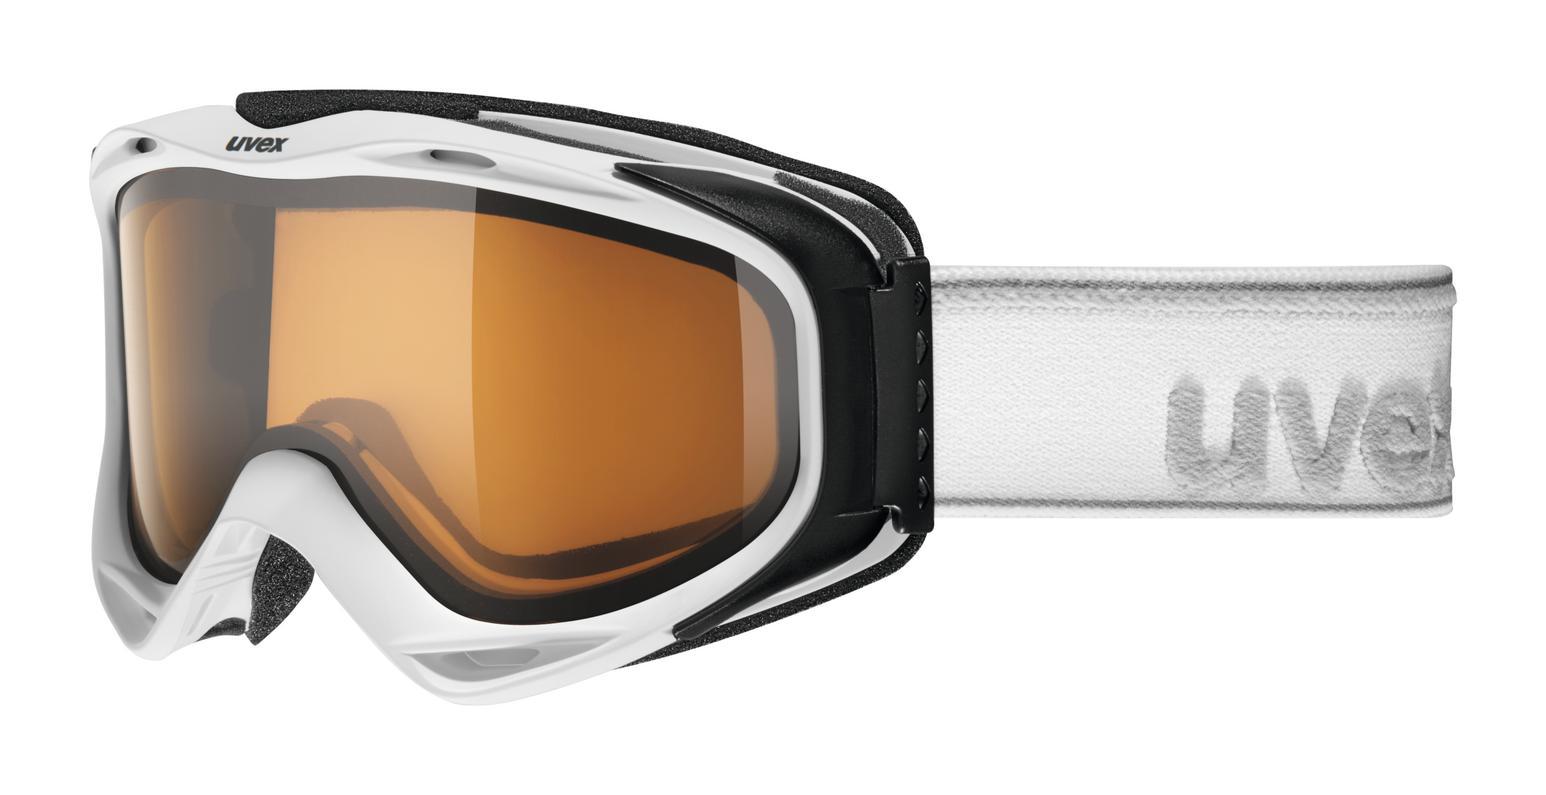 uvex-g-gl-300-polavision-brillentr-auml-gerskibrille-farbe-1121-white-mat-polavision-brown-laserg